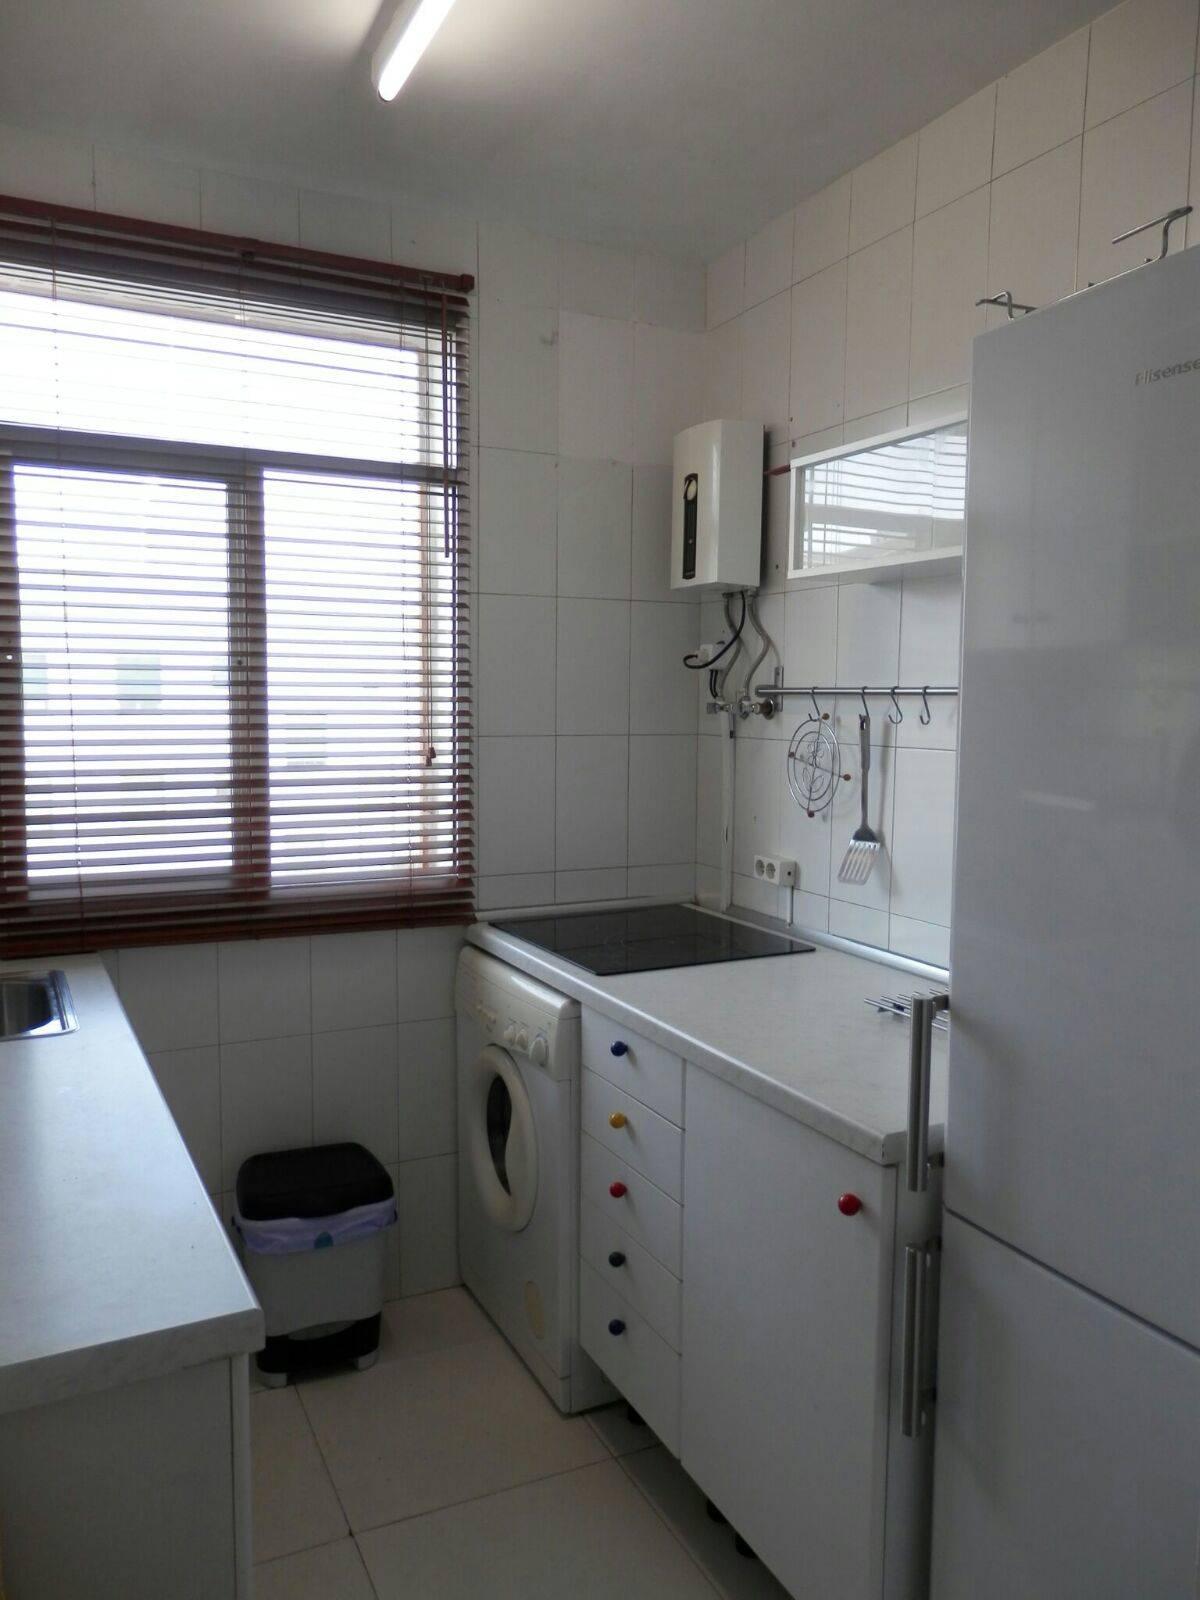 Alquiler piso Zona Reina Mercedes  - Foto 5